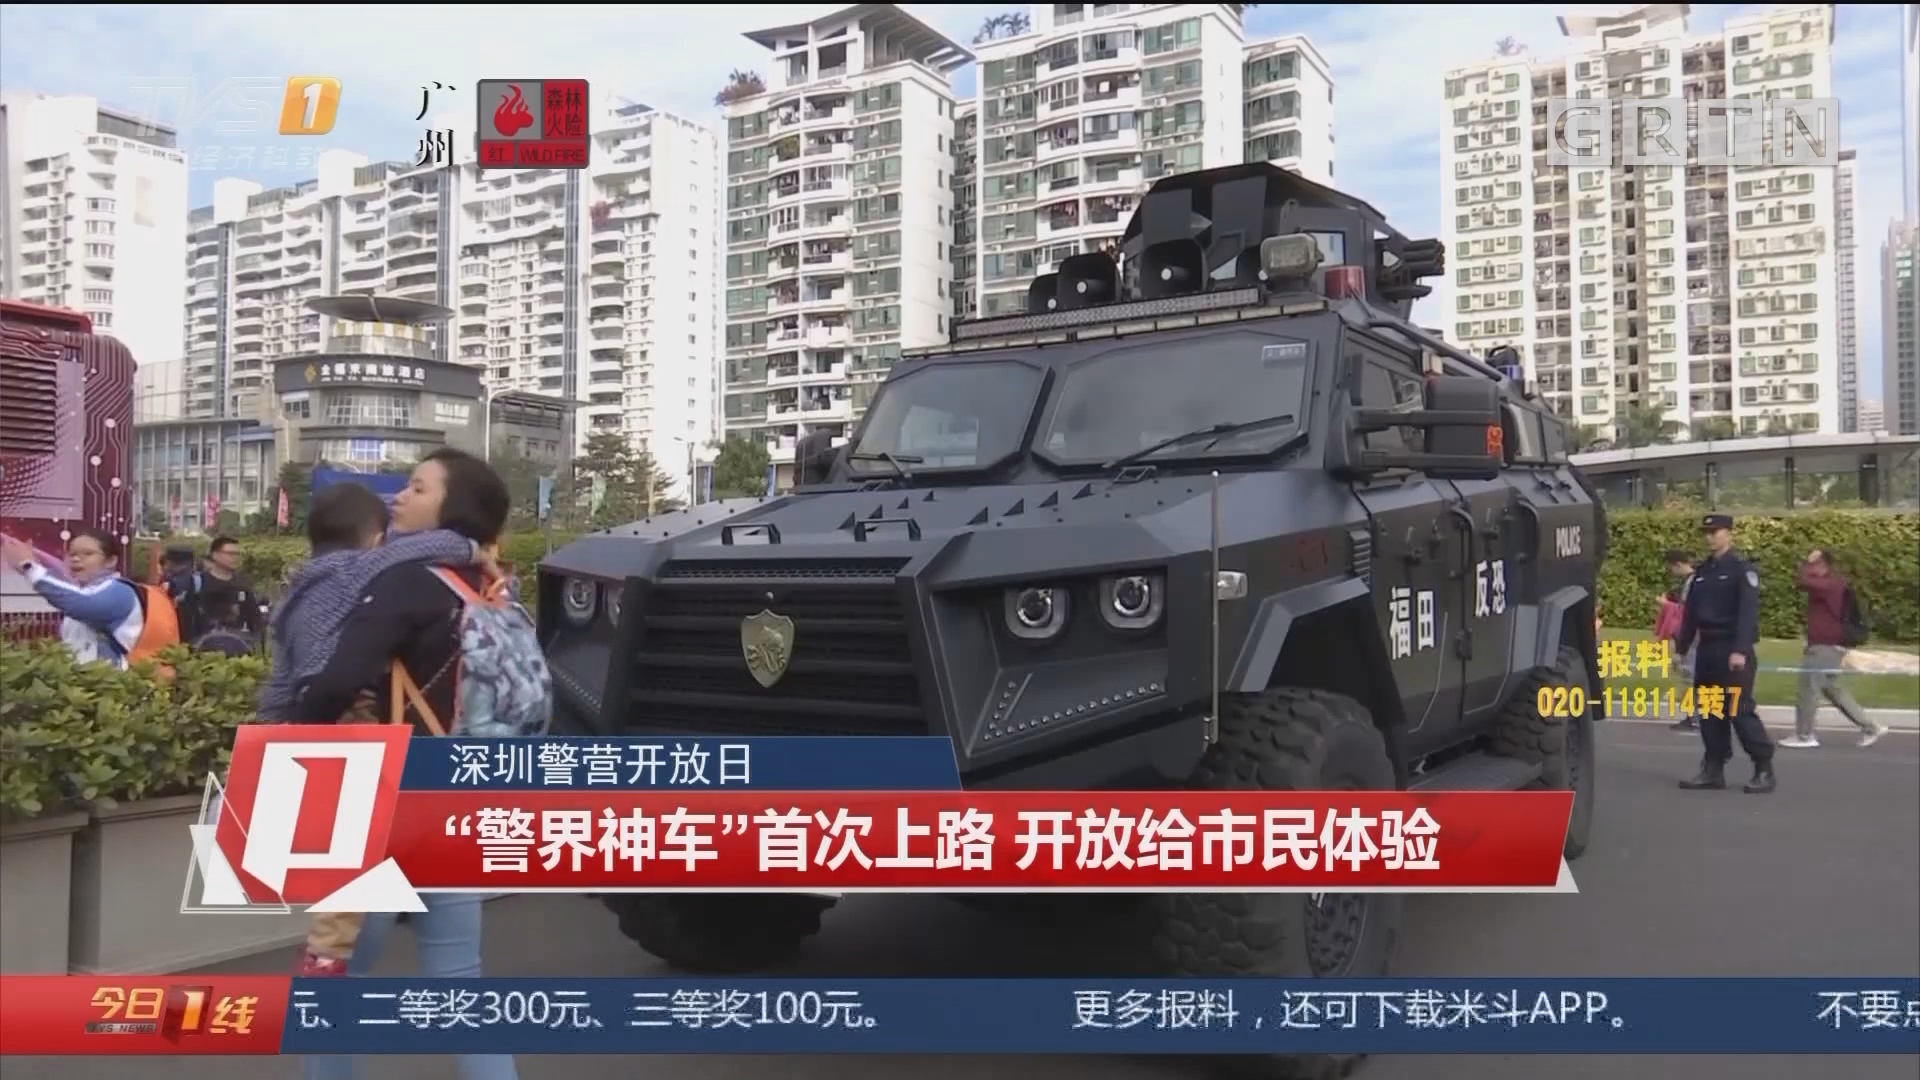 """深圳警营开放日 """"警界神车""""首次上路 开放给市民体验"""